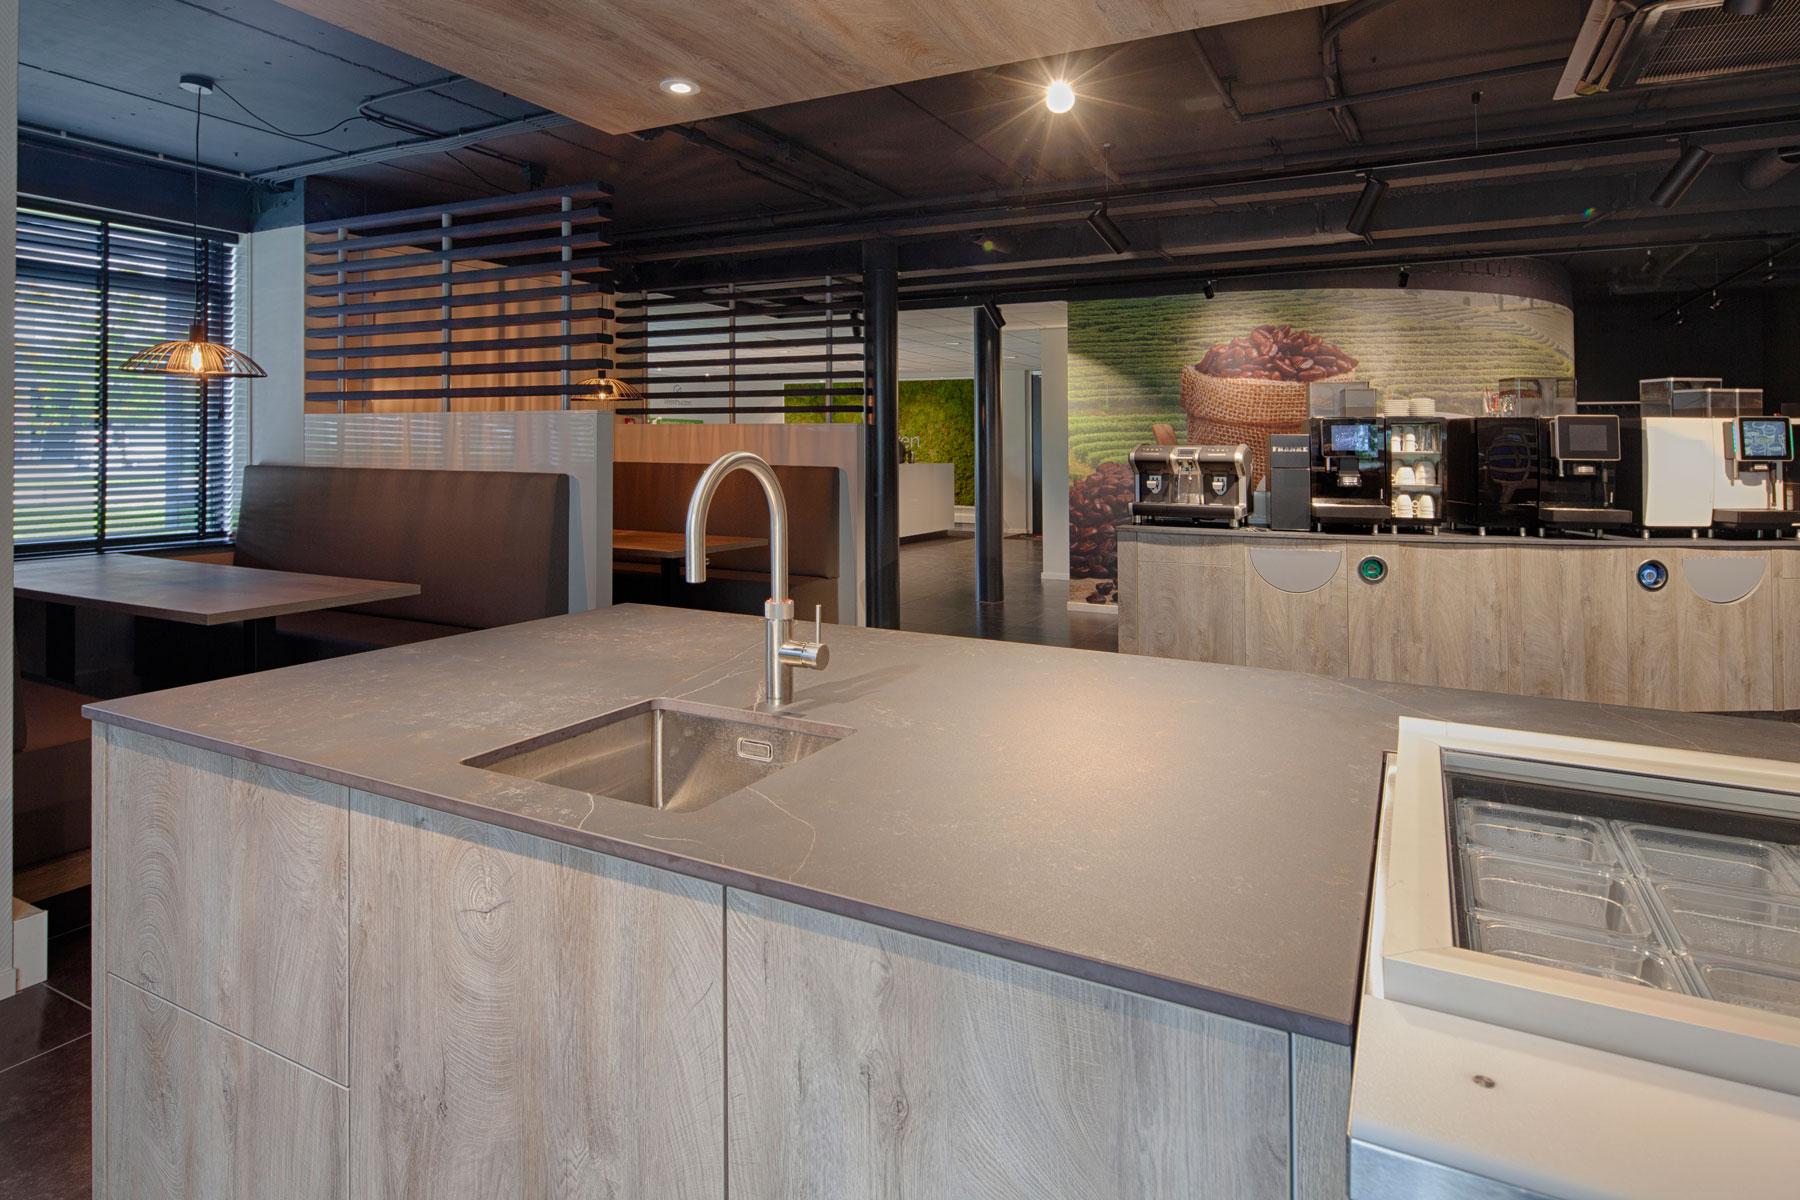 Veenhuizen bakery solutions Voorthuizen